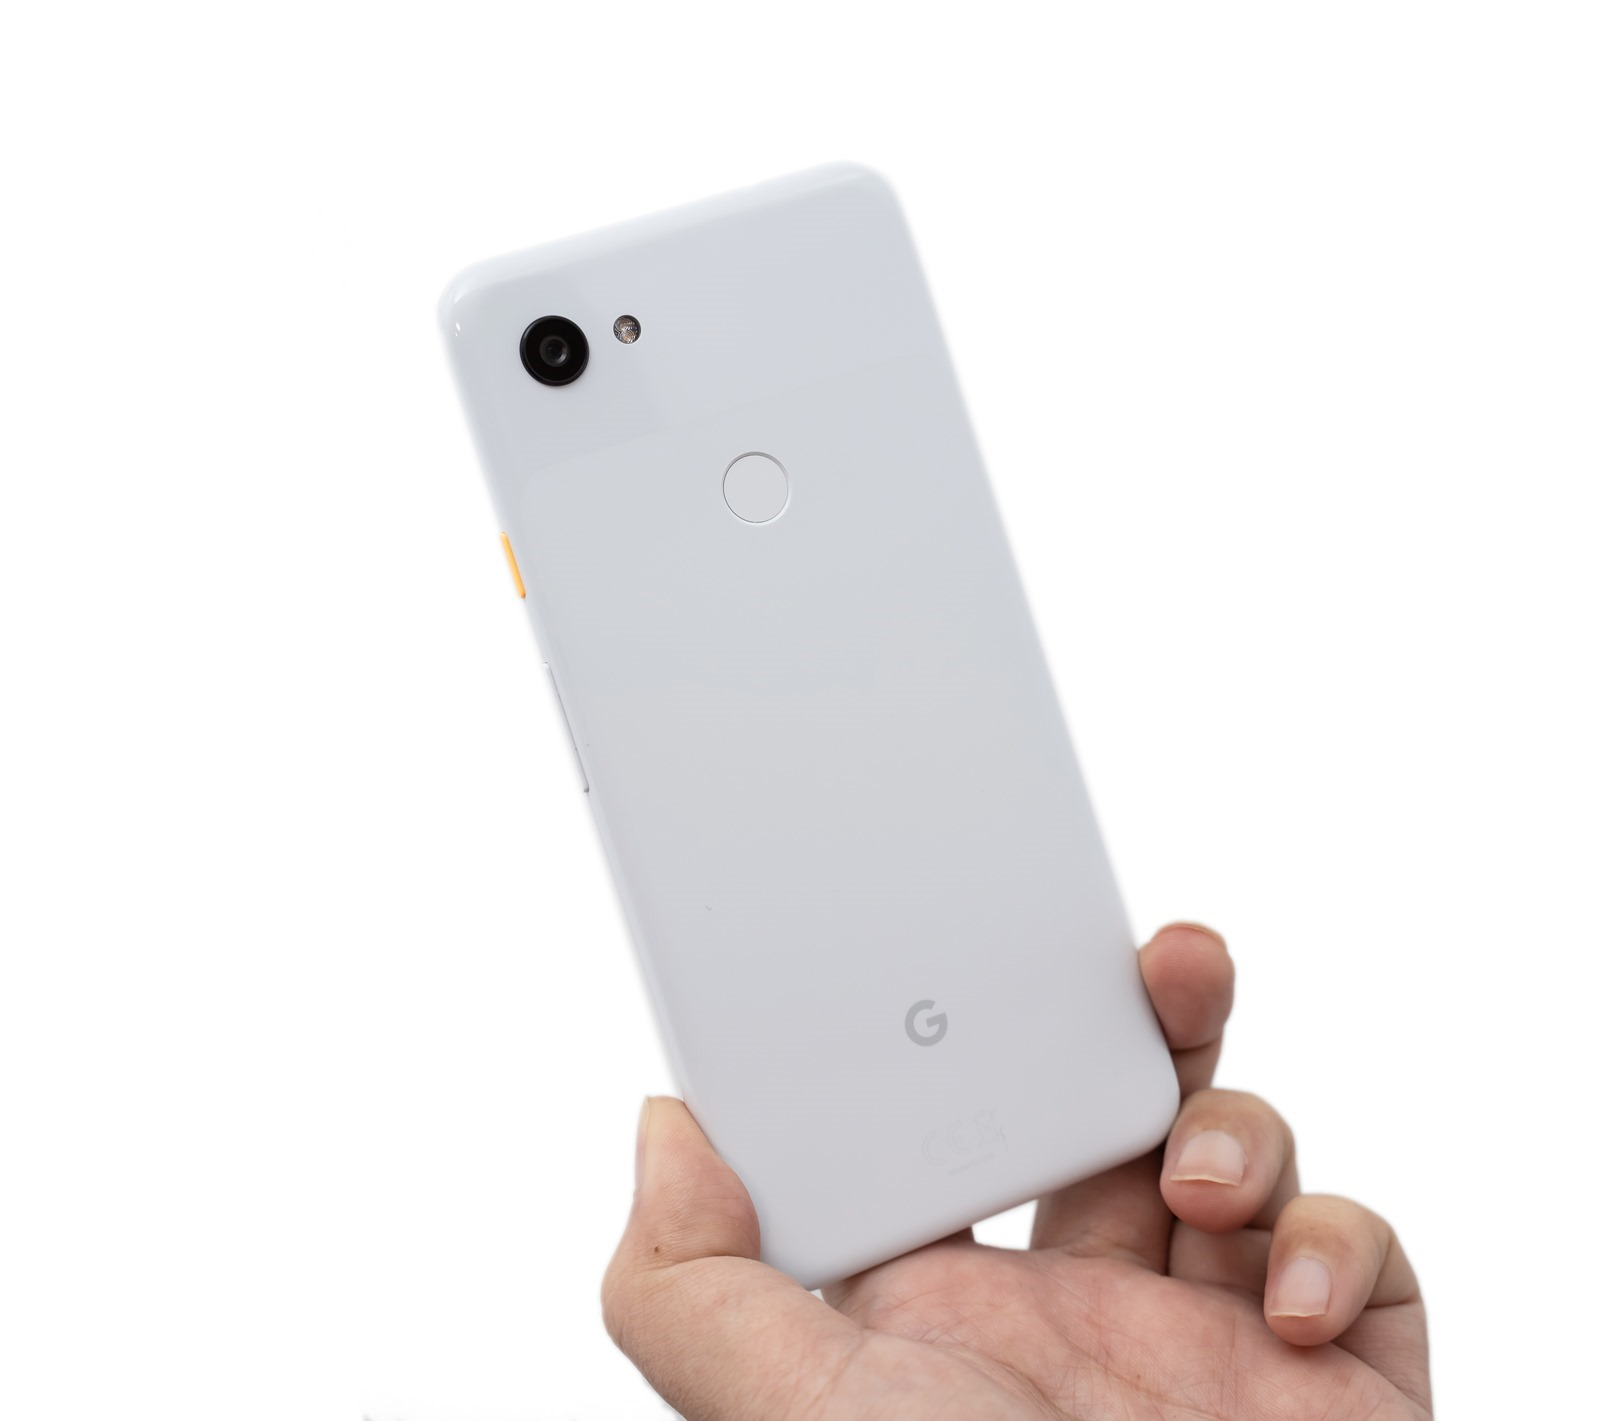 台灣第一波!Google Pixel 3a XL (1) 開箱看! ( Google Pixel 3a XL Unboxing) @3C 達人廖阿輝